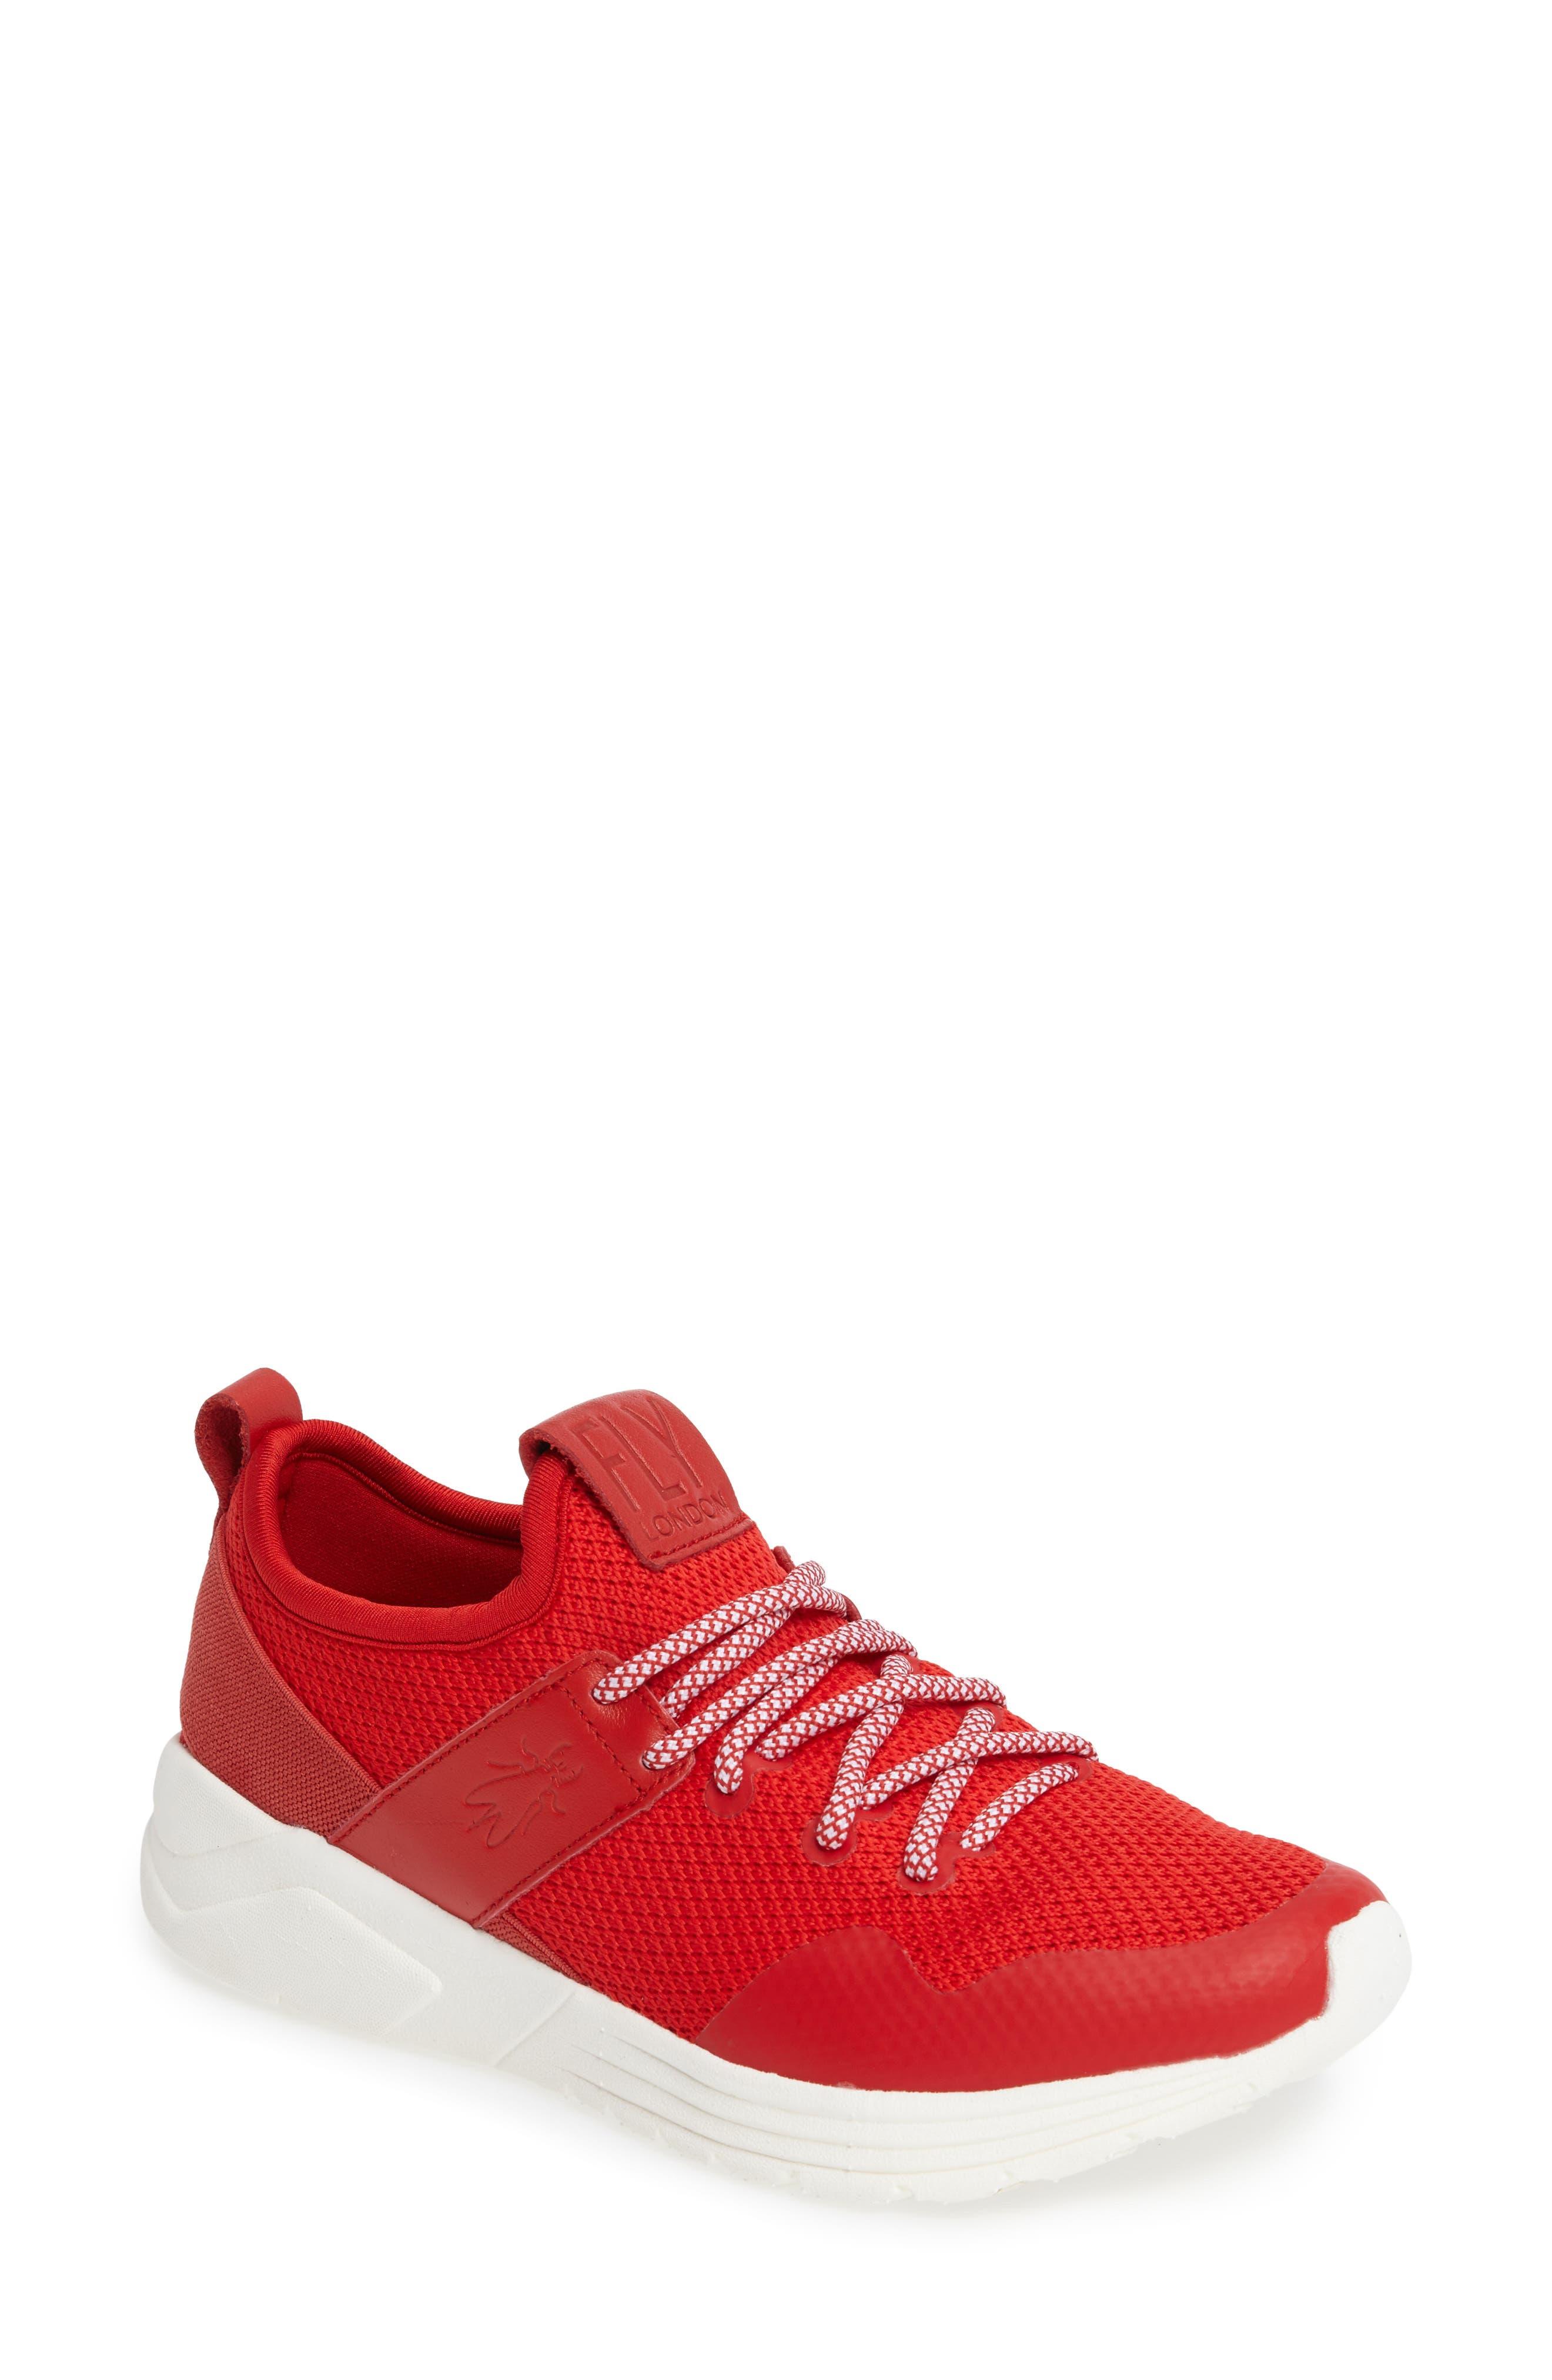 FLY LONDON 'Salo' Sneaker